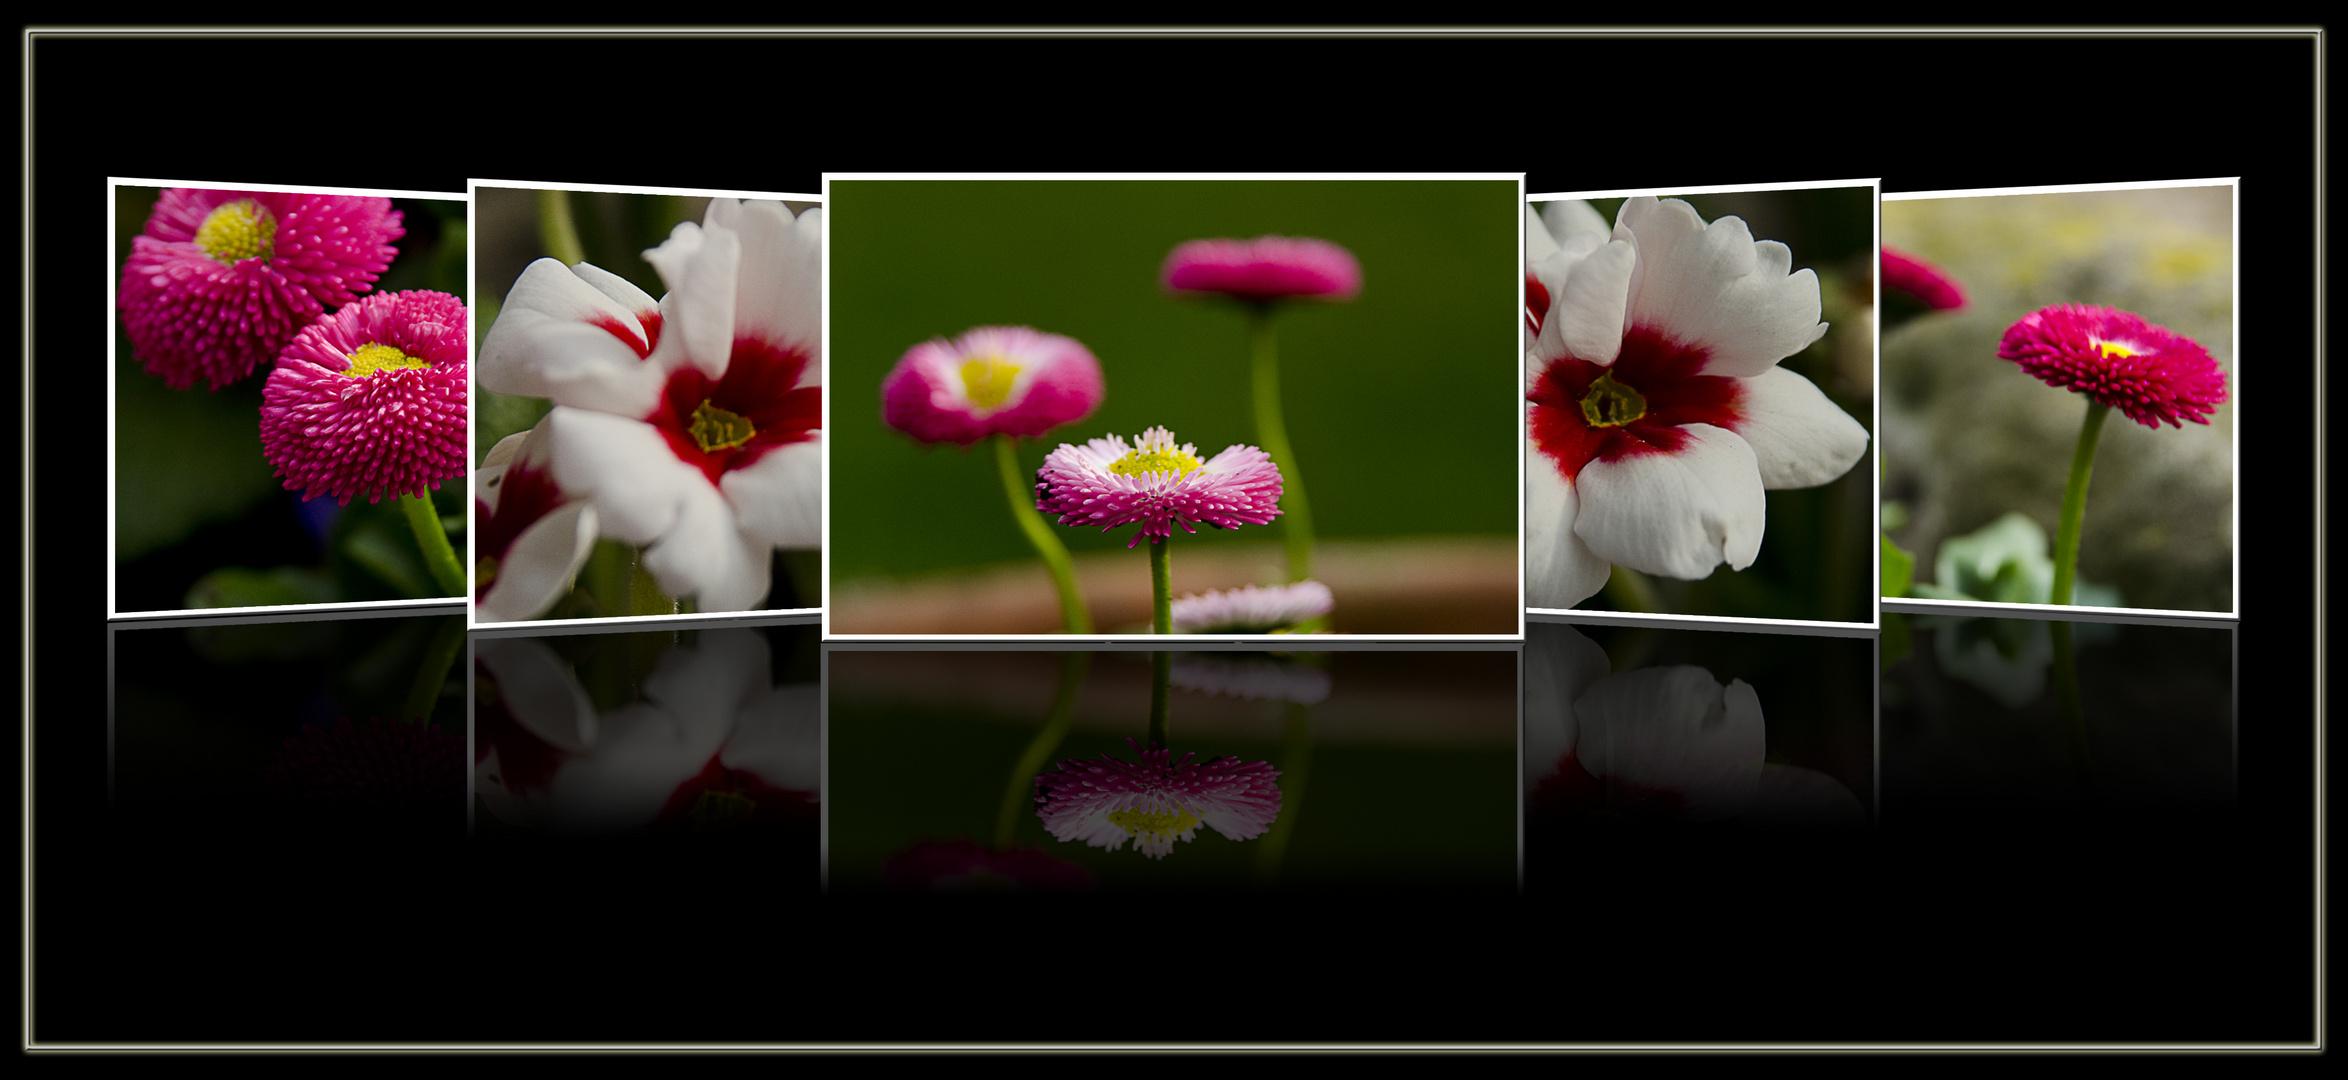 Frühling in pink und weiß